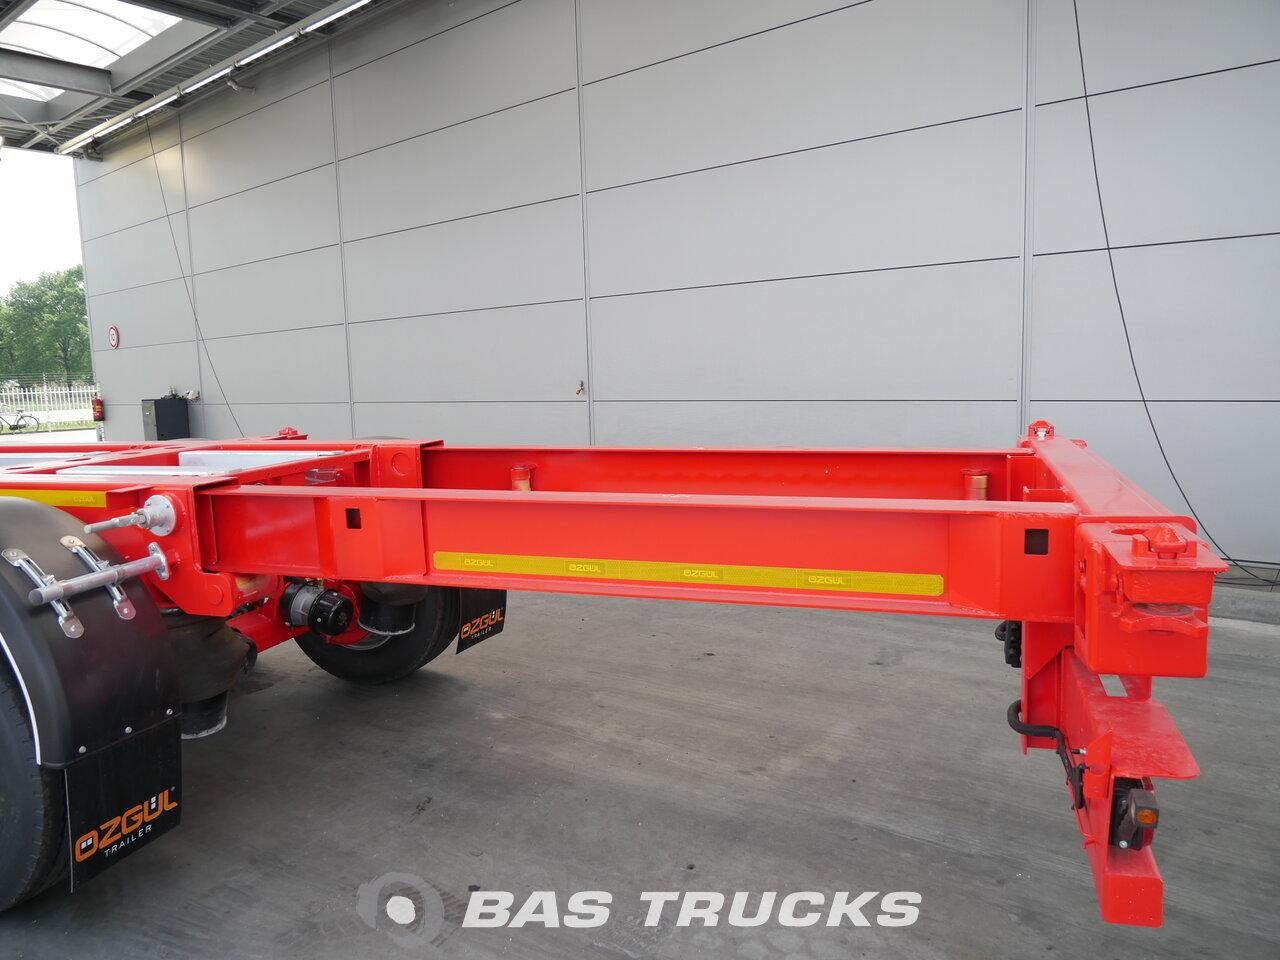 photo de Nouveau Semi-remorques OZGUL 2x Ausziehbar Extending-Multifunctional-Chassis Liftachse 3 Essieux